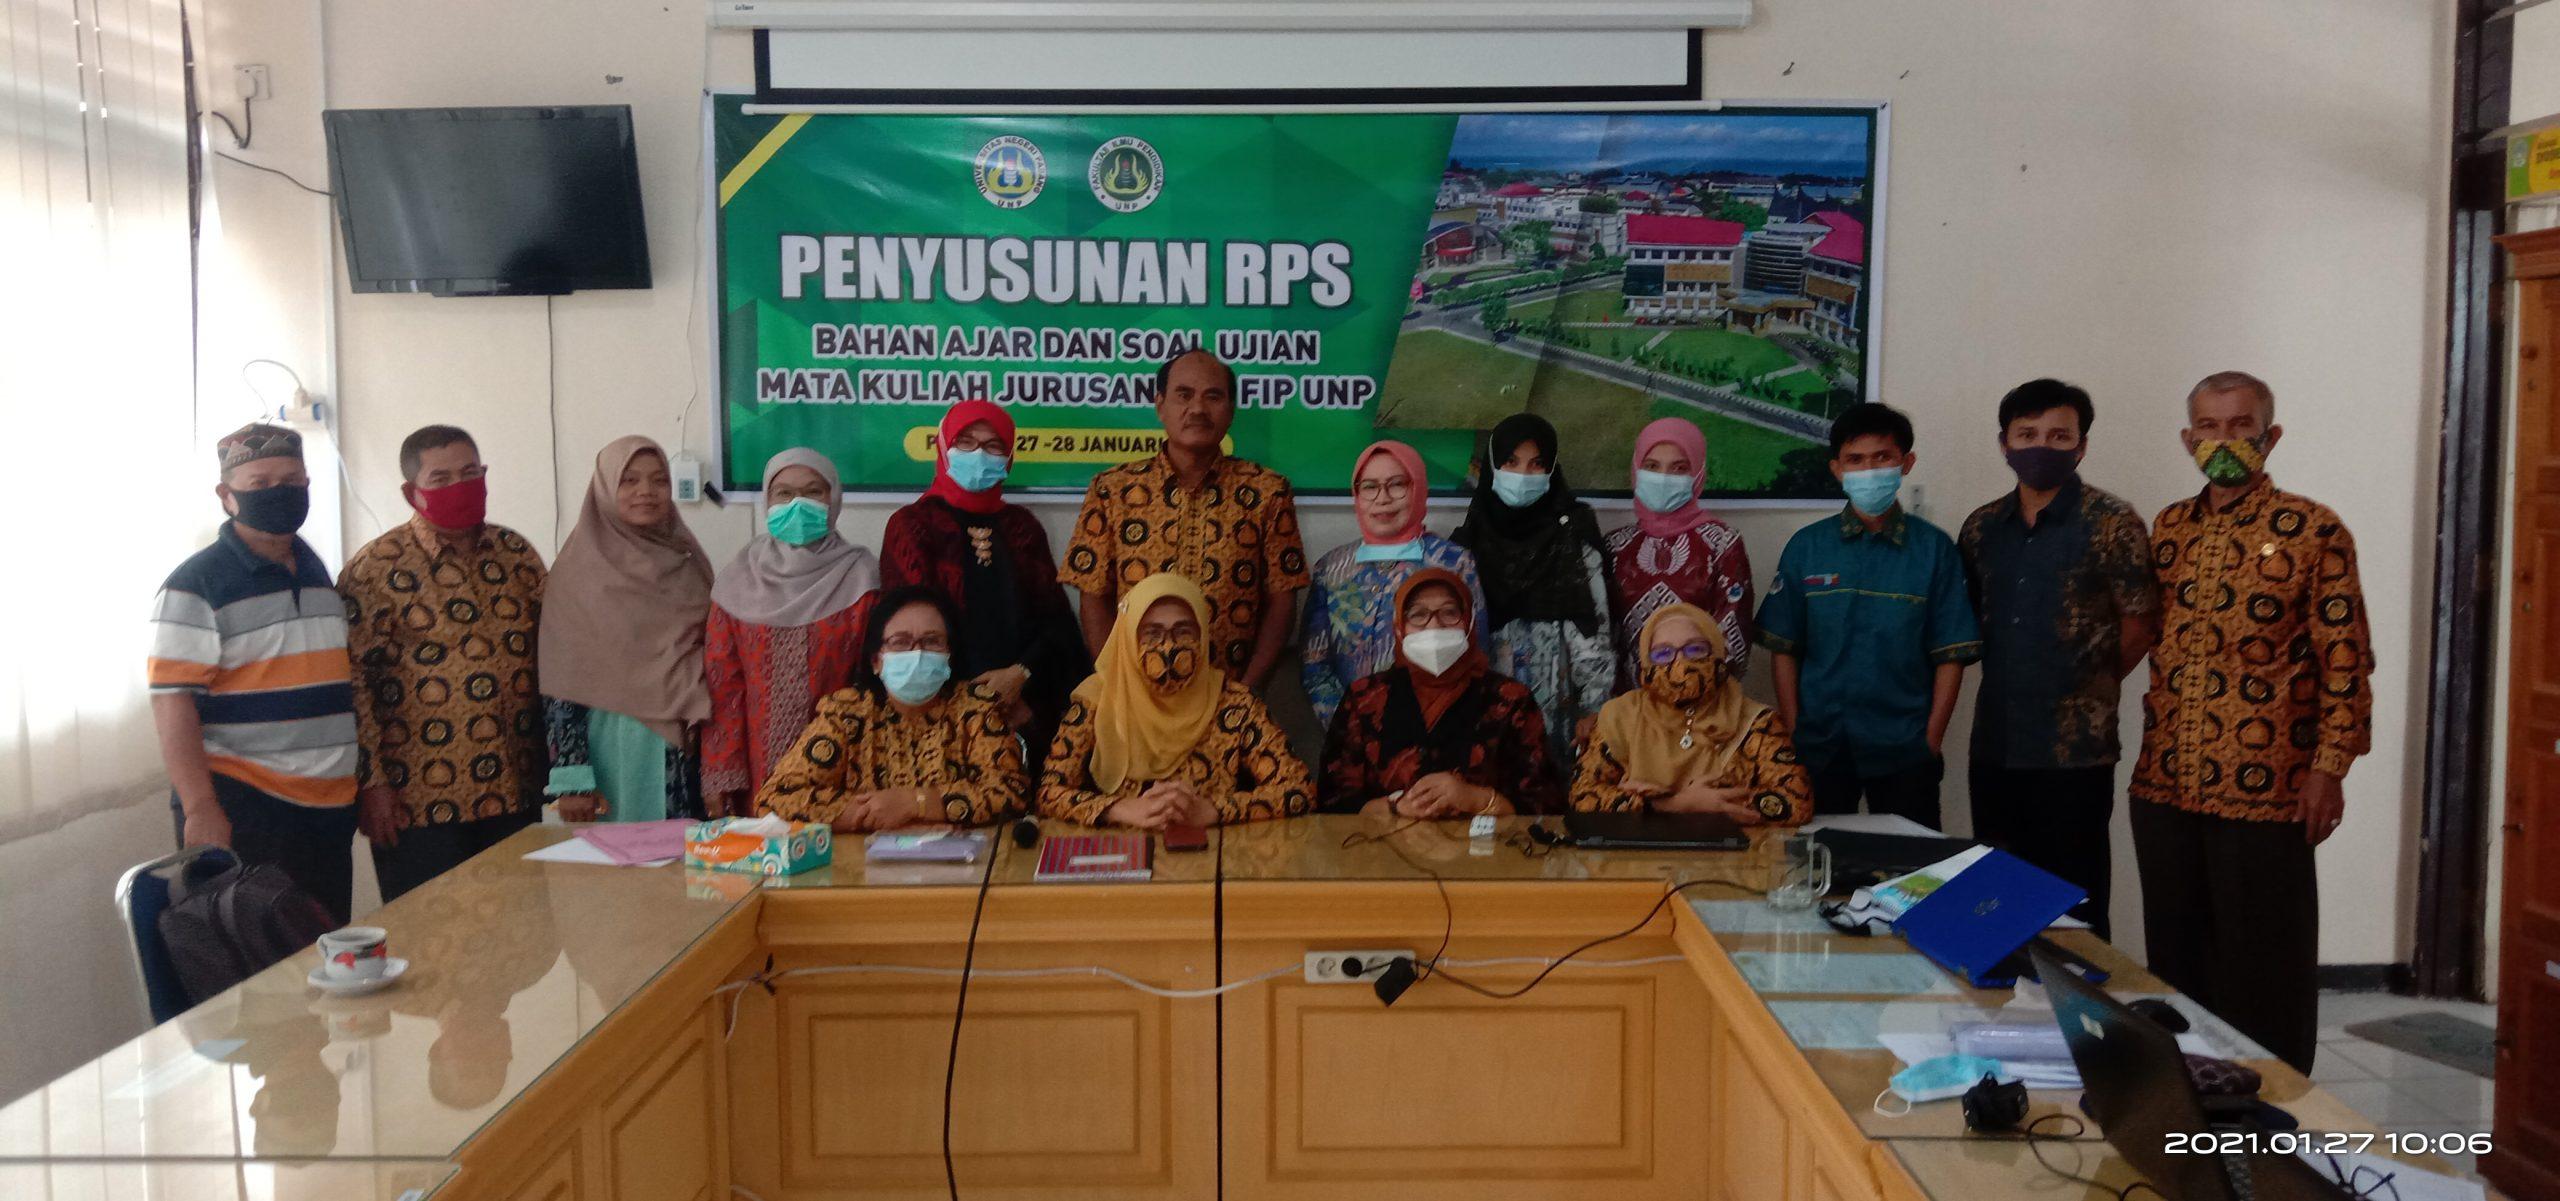 Workshop penyusunan RPS, Bahan Ajar dan Soal Ujian Mata Kuliah Jurusan PLB FIP UNP